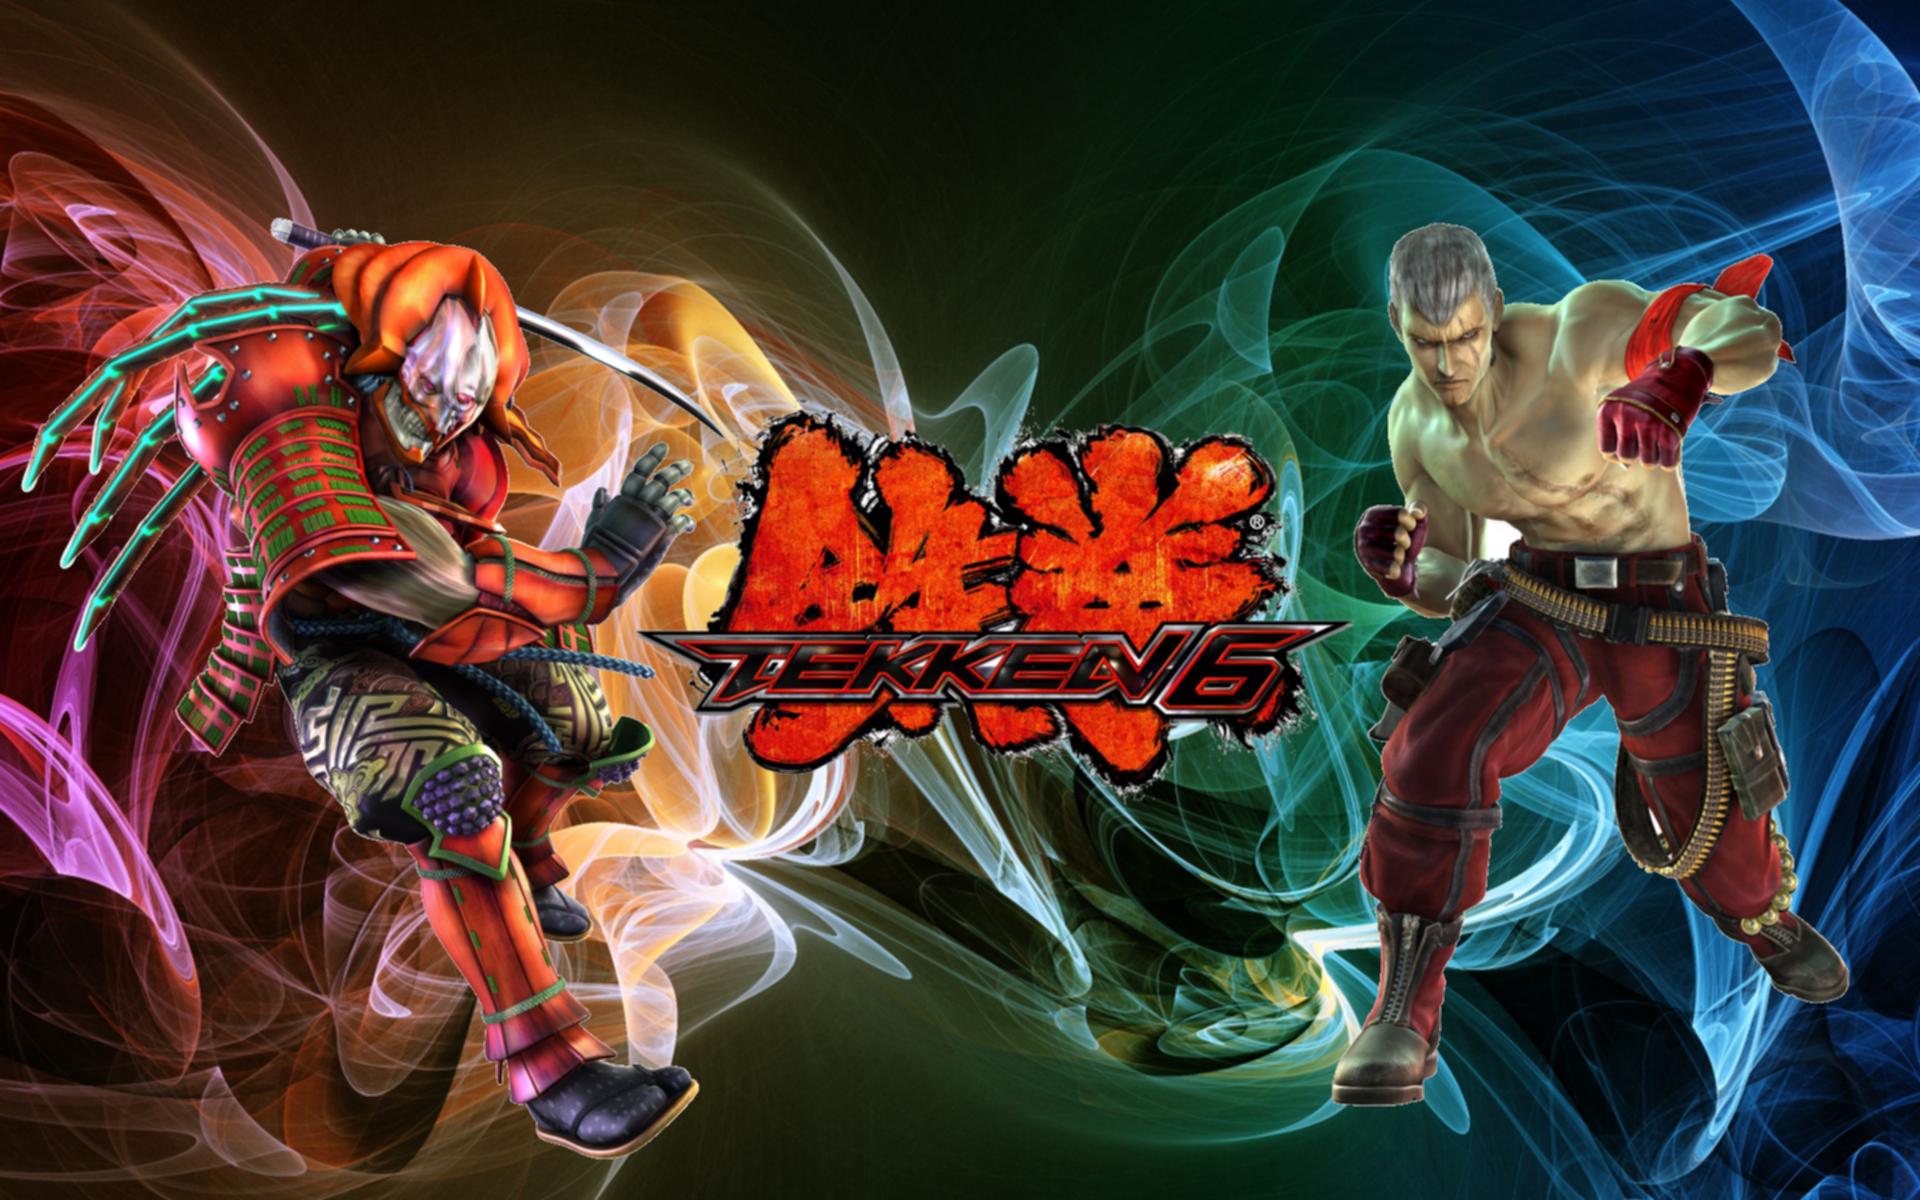 Tekken 6 Ranked Match Yoshimitsu Vs Bryan By Kyojiro87 On Deviantart